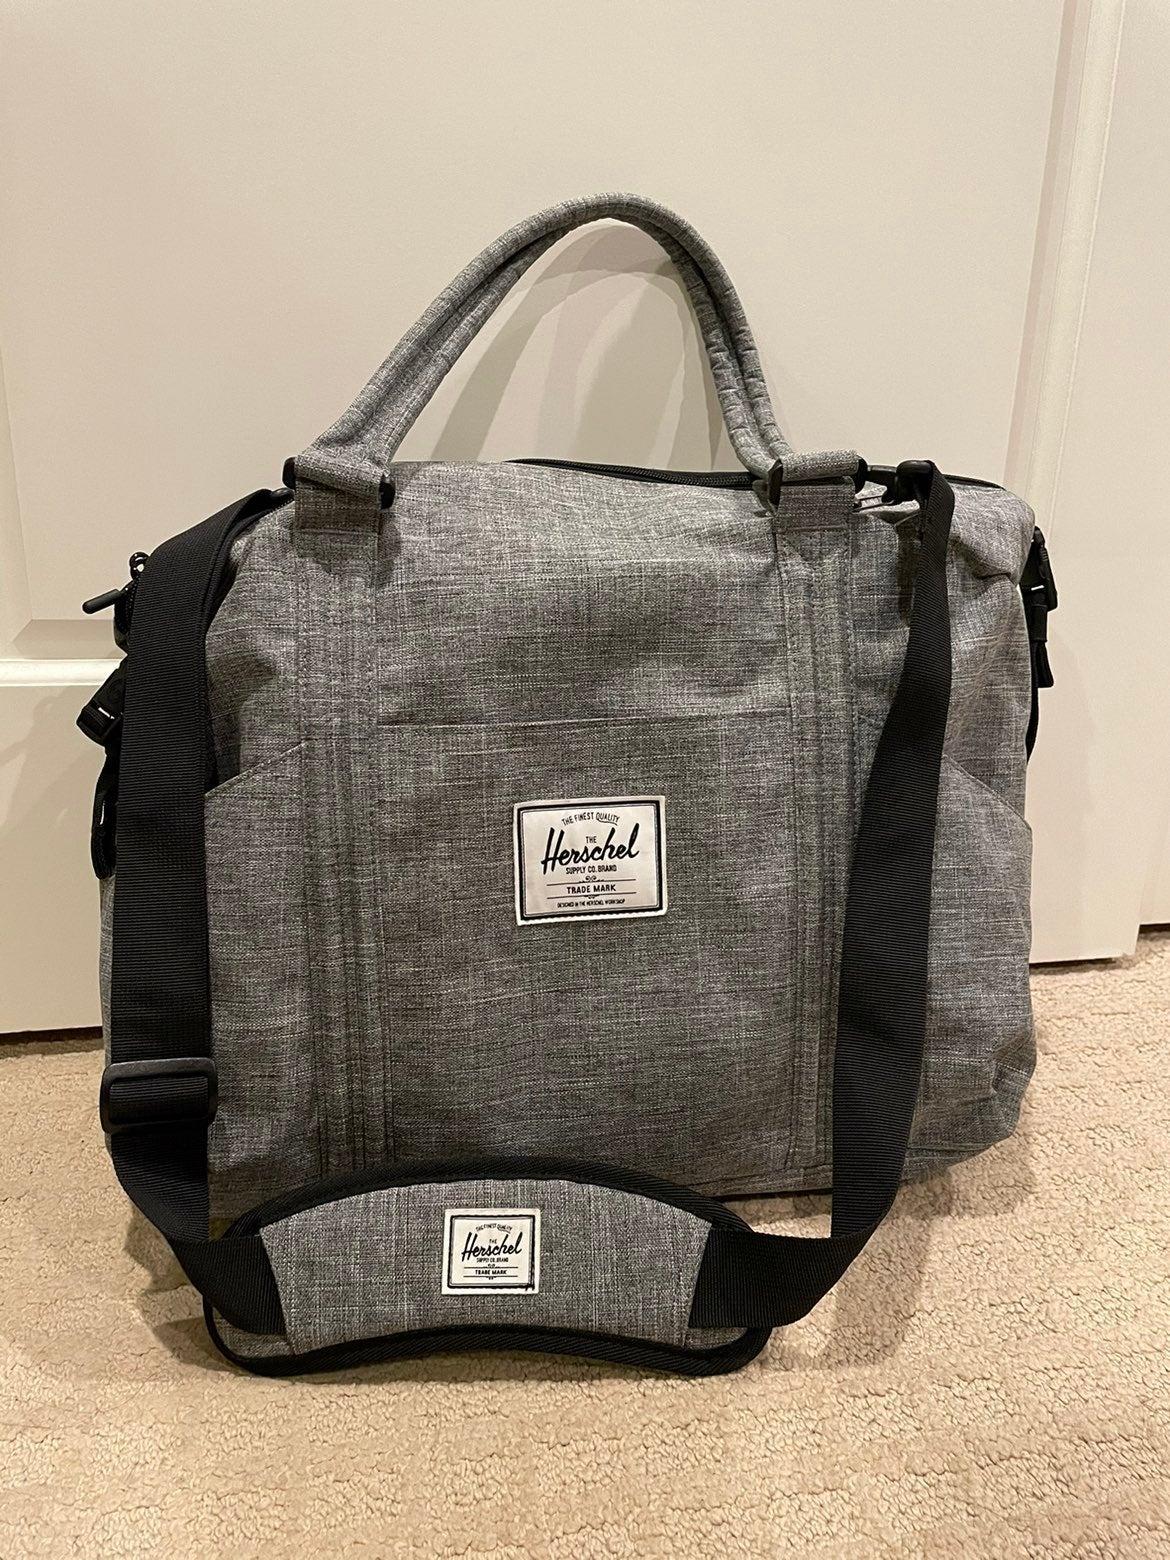 Herschel diaper bag new no tags